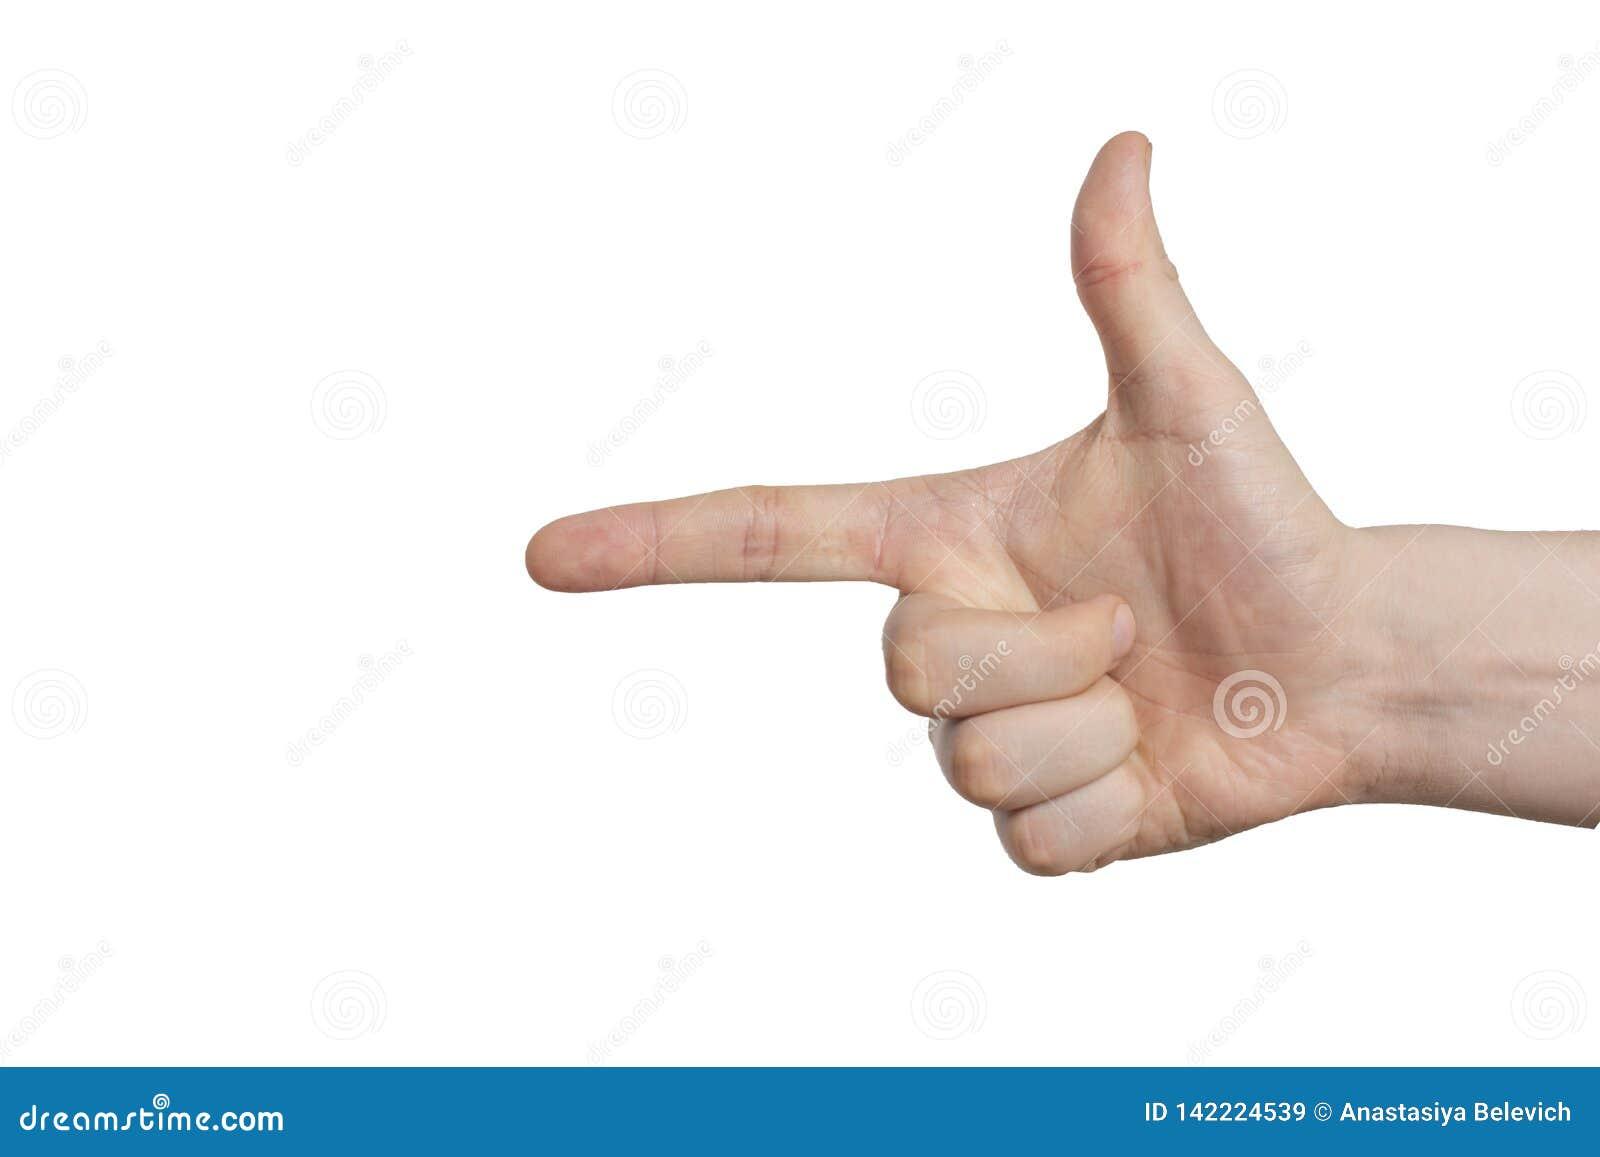 Χειρονομία πιστολιών χεριών στο απομονωμένο άσπρο υπόβαθρο Ο αντίχειρας παρουσιάζει κατεύθυνση